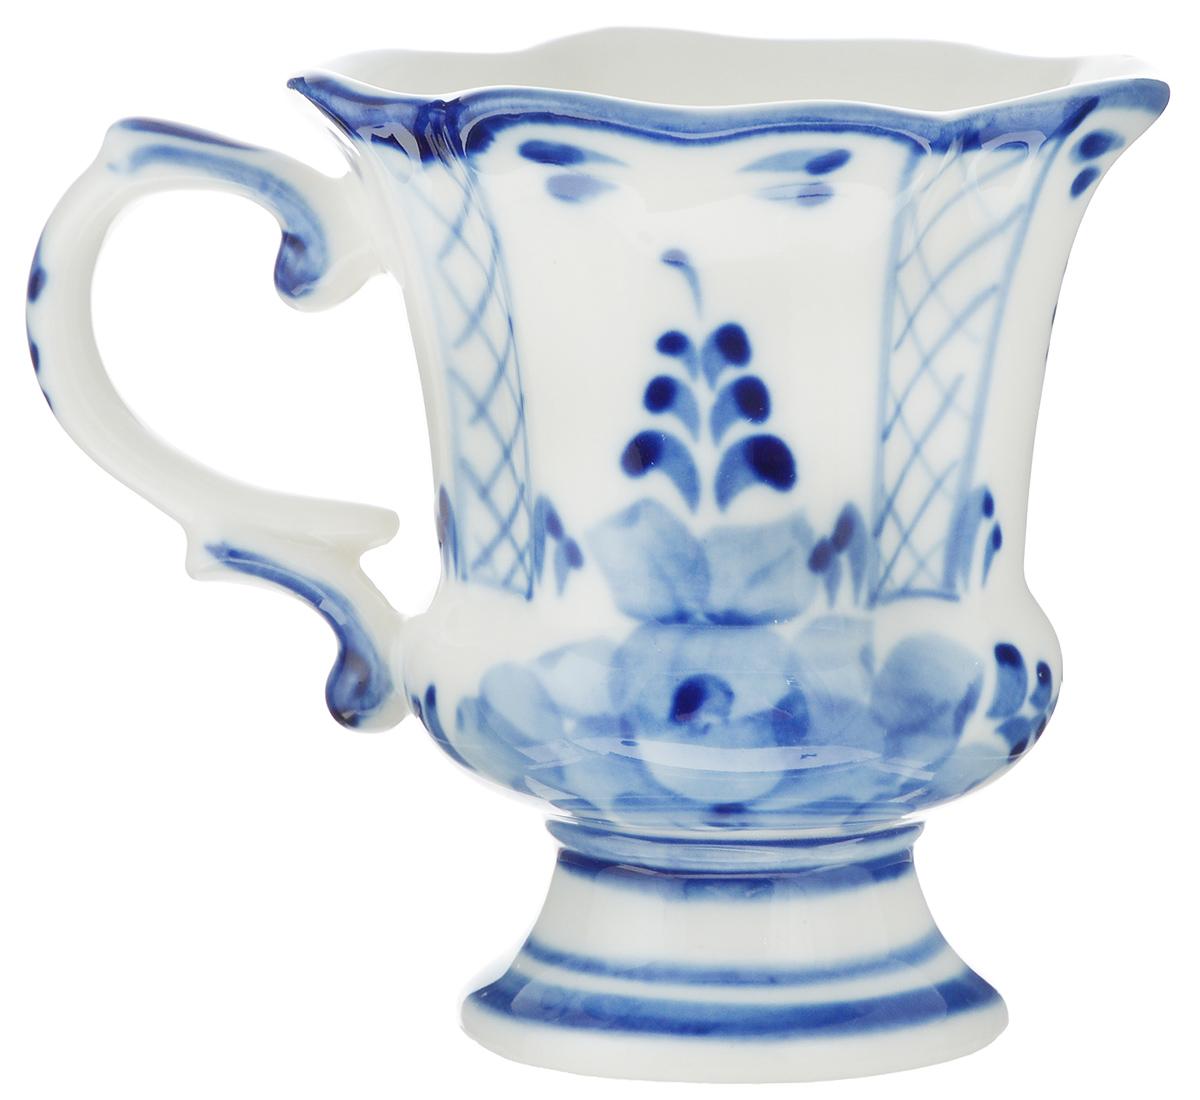 Чашка Идиллия, 100 мл. 993052001993052001Чайная чашка Идиллия выполнена из высококачественного фарфора. Изделие оформлено легкой росписью, которая сочетает простые линии и орнаменты с красивыми цветочными узорами. Расписанное изделие окунают в белую глазурь и обжигают в печи при температуре около 1400°C. После обжига глазурь становится прозрачной, изделие приобретает глянцевый блеск и твердость, а рисунок проявляется во всей своей красе, играя оттенками цвета от нежно-голубого до глубокого синего. Гжель - один из традиционных российских центров производства керамики и известный народный художественный промысел России. Производят изделия в Московской области, в обширном районе из 27 деревень, называемых Гжельский куст. Профессиональные мастера сохраняют традиции росписи и создают истинные шедевры. Ей характерна изящная роспись в синих тонах на белом фоне. Традиционными считаются изображения птиц, цветов и узоров. Обращаем ваше внимание, что роспись на изделии сделана вручную. ...